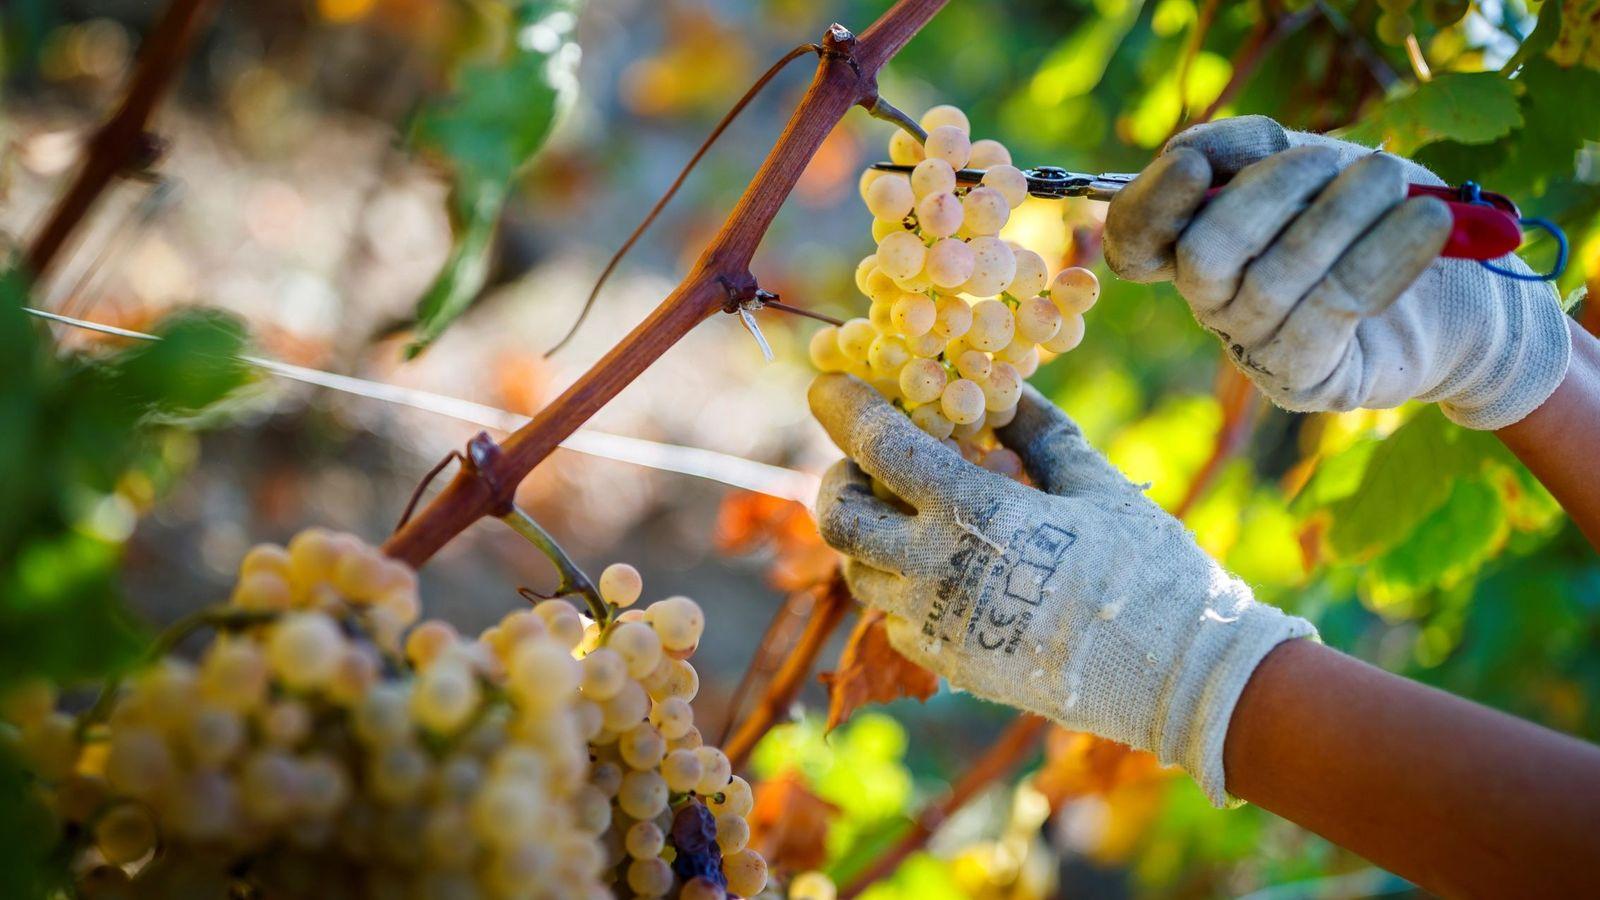 Foto: Las uvas, una de las mejores frutas para retrasar enfermedades degenerativas. (EFE/Valentin Flauraud)